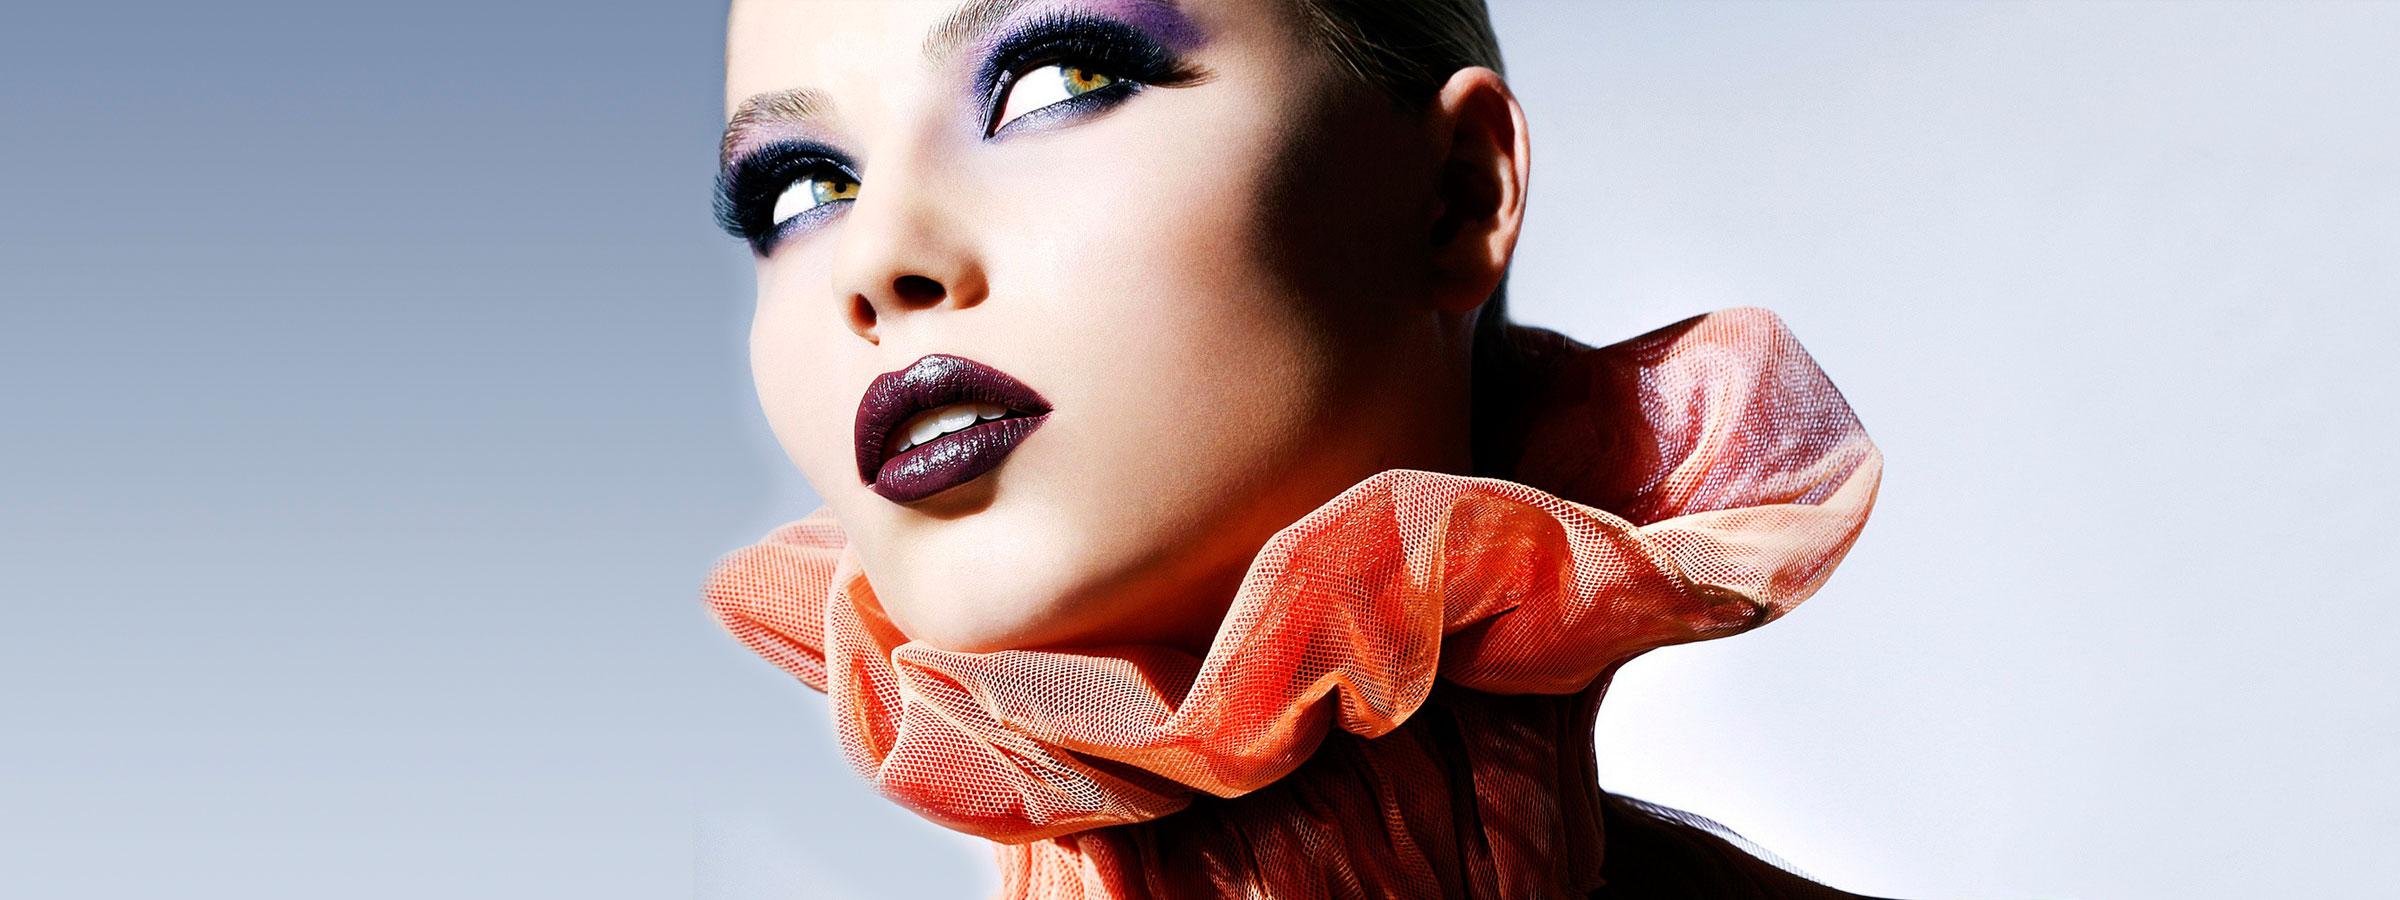 Máster de Maquillaje6 Meses